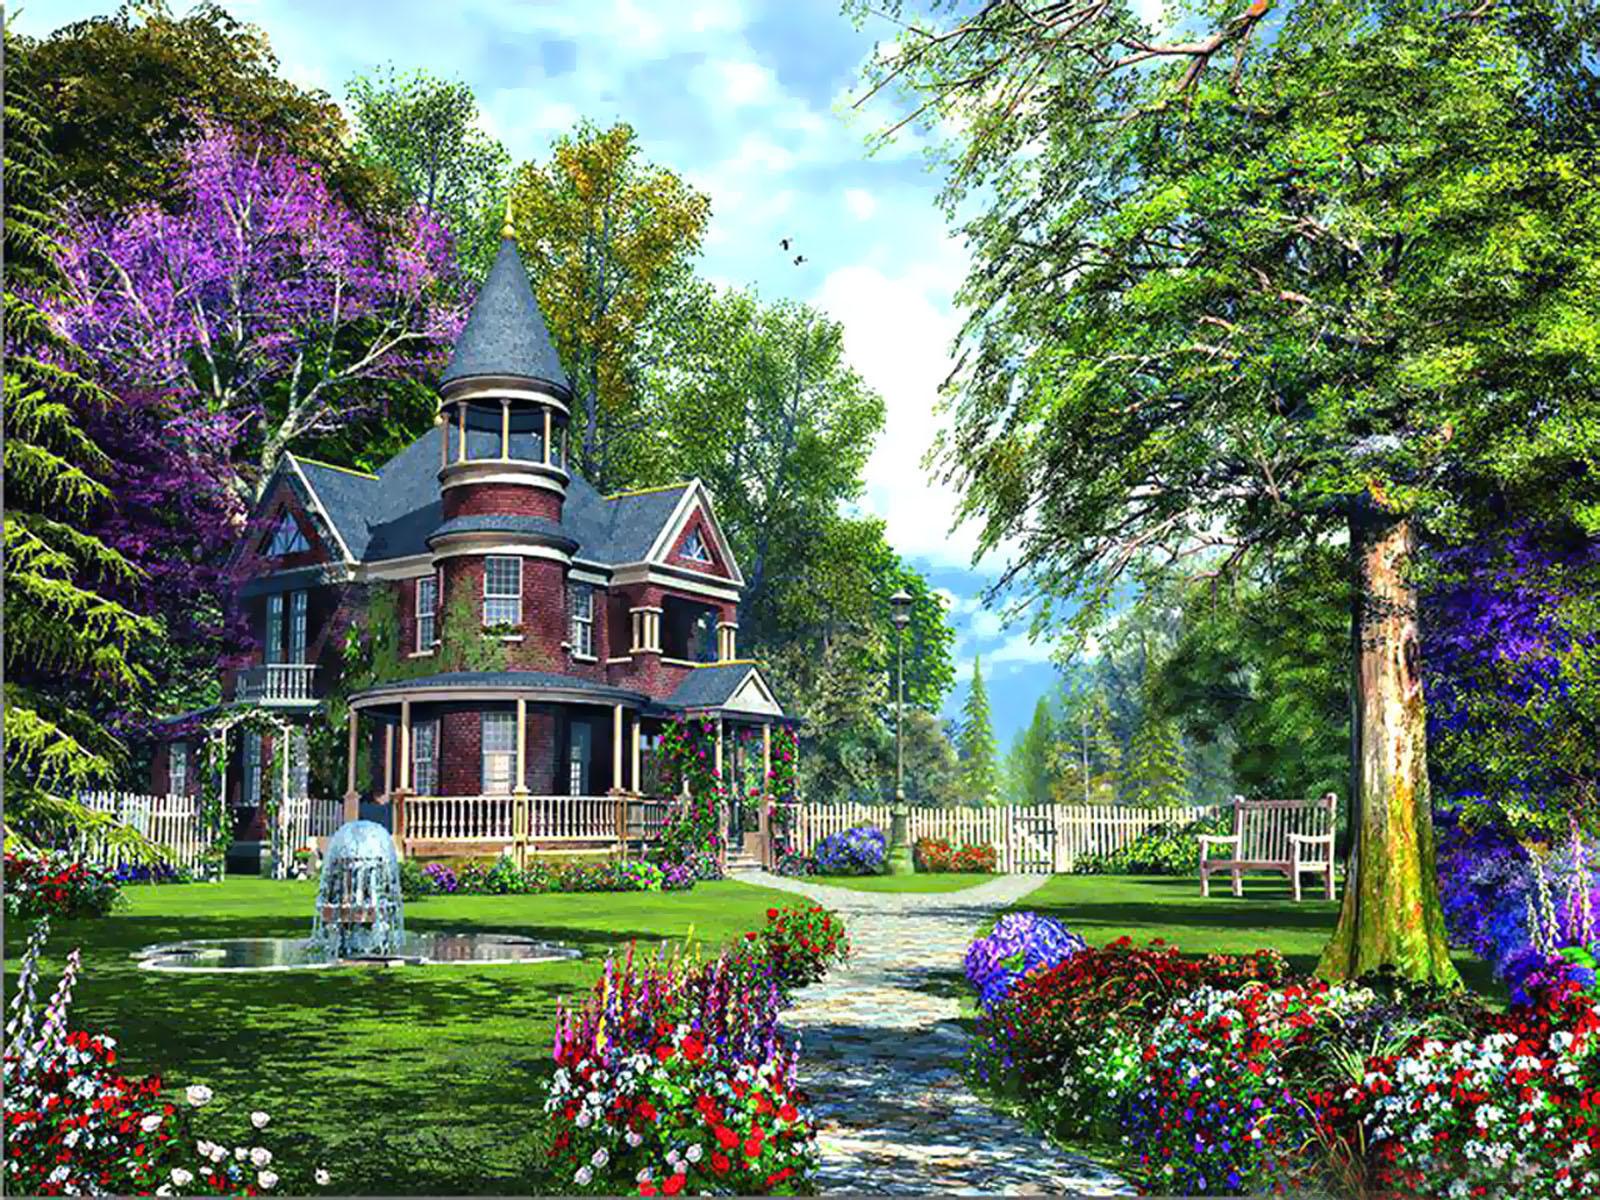 Flower garden wallpaper background - Wallpapers Fair Luxurious Flower Garden Hd Widescreen Wallpaper